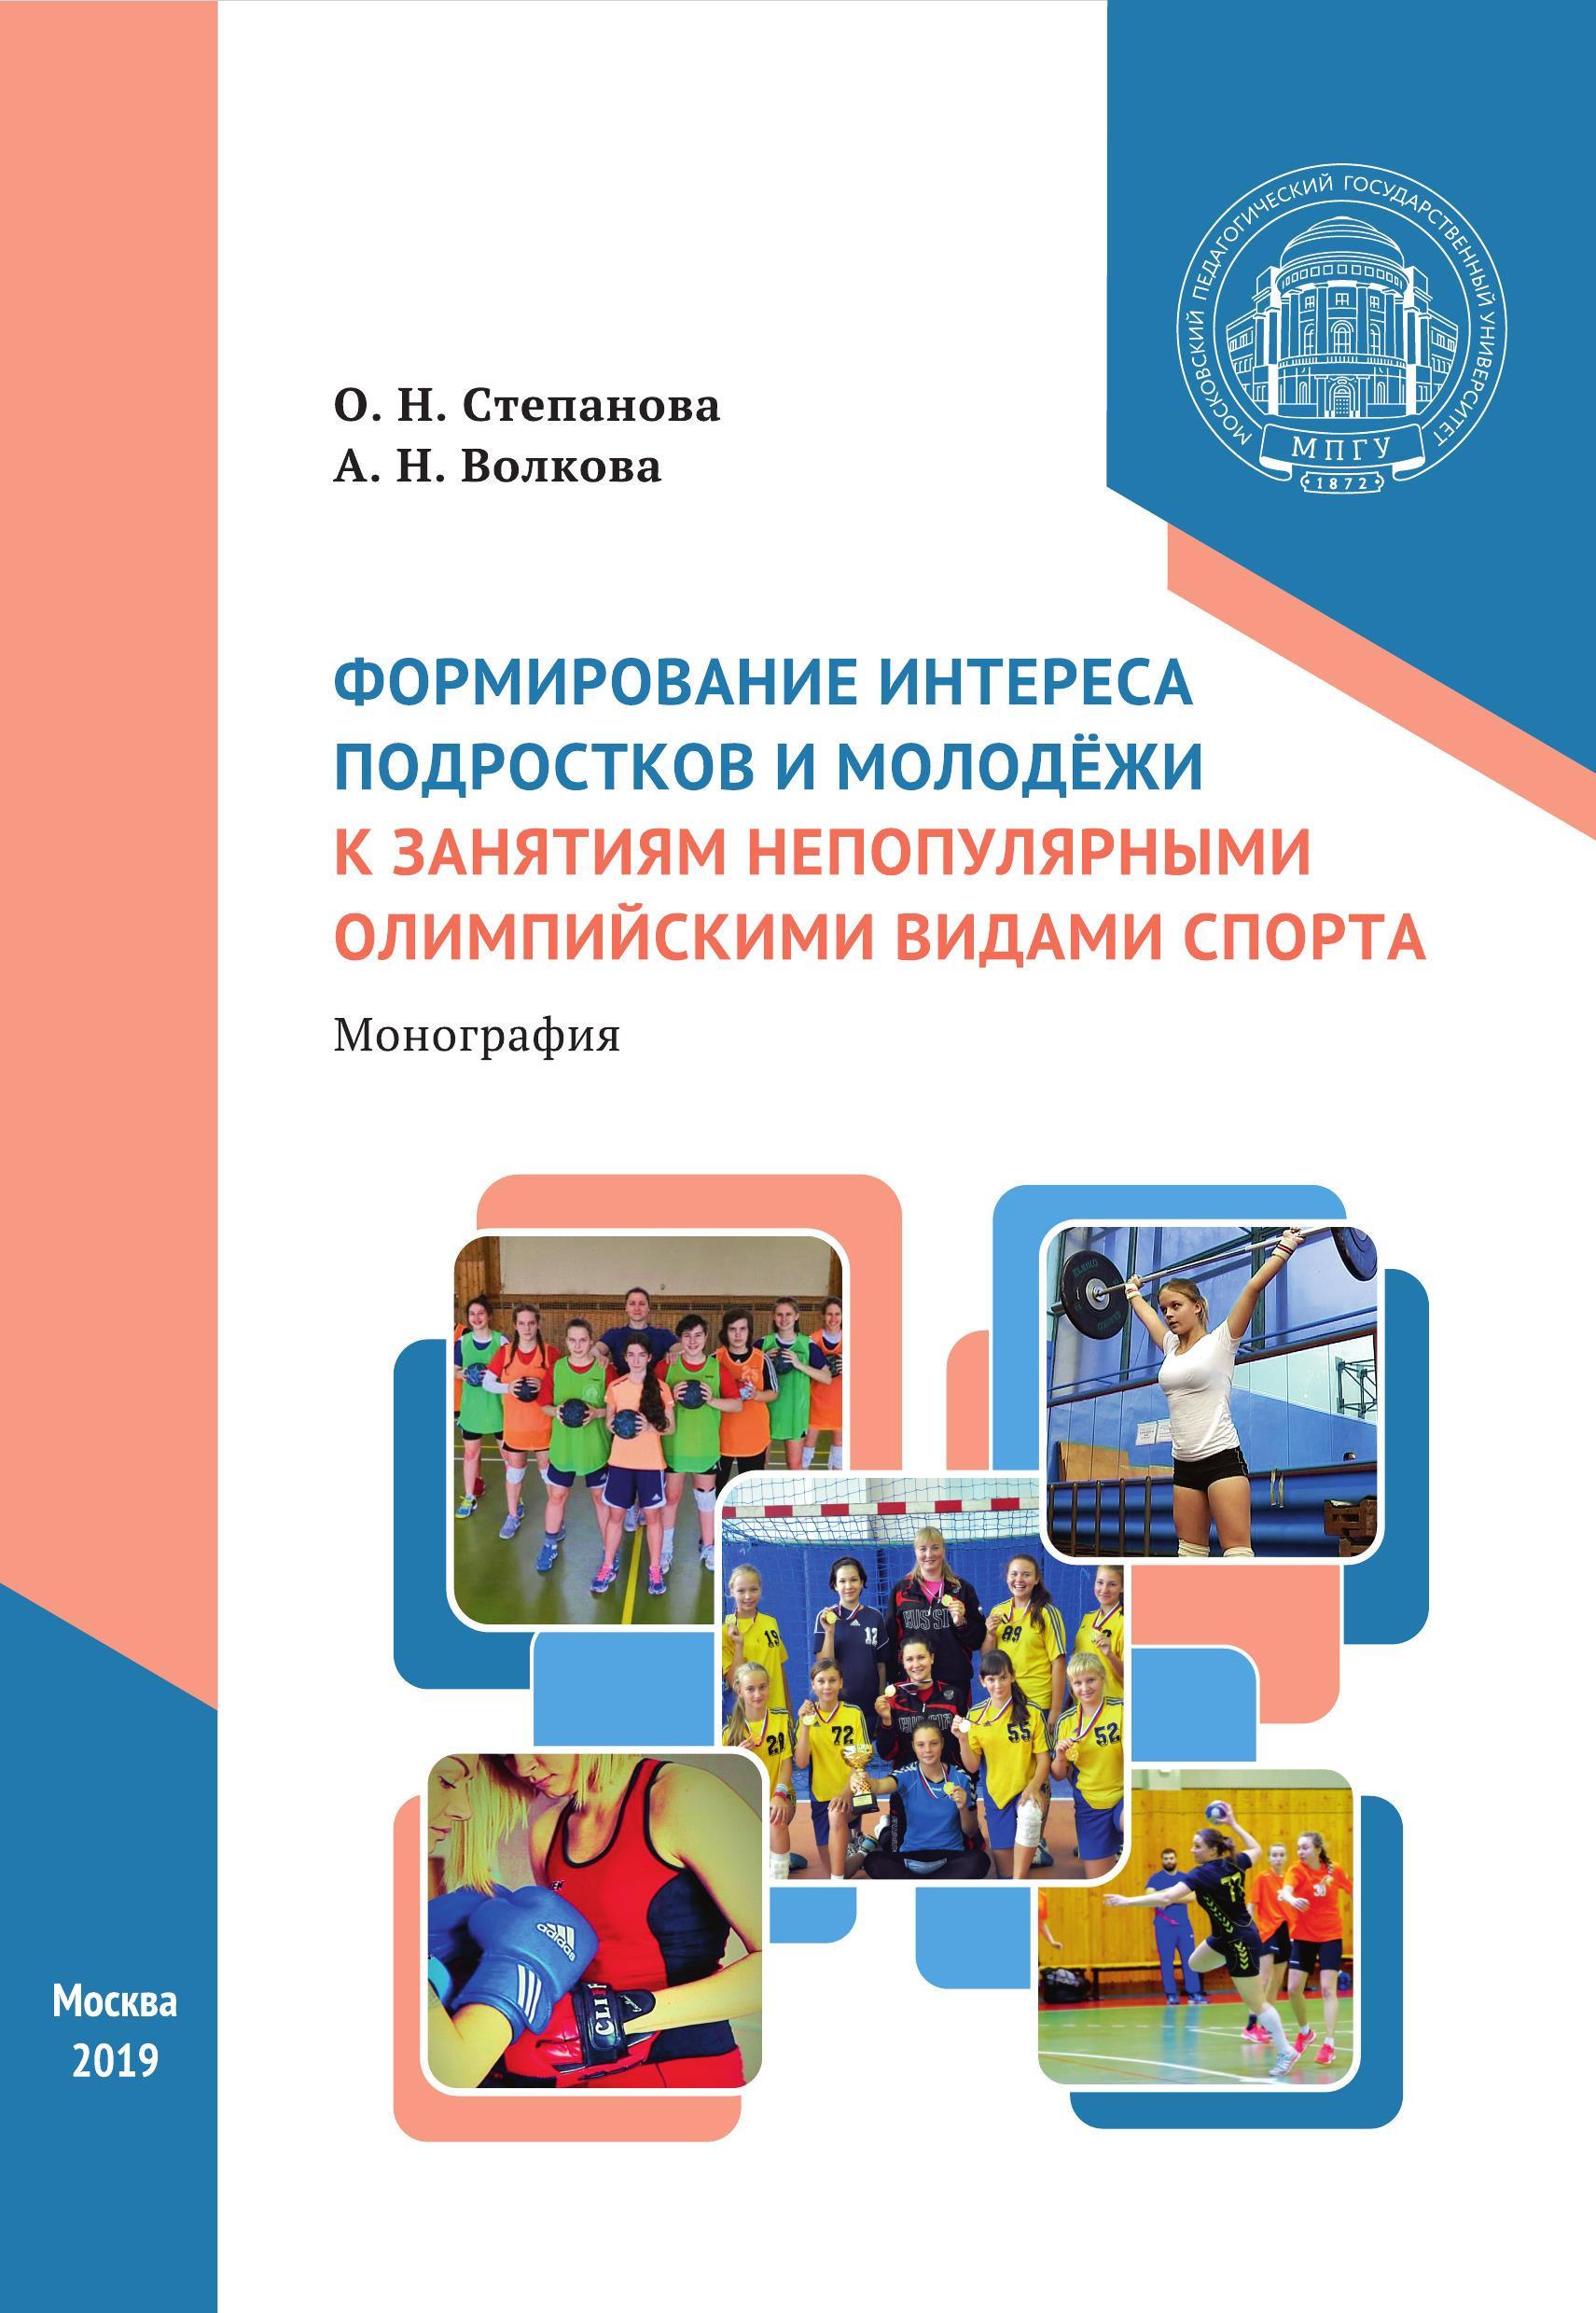 Формирование интереса подростков и молодёжи к занятиям непопулярными олимпийскими видами спорта